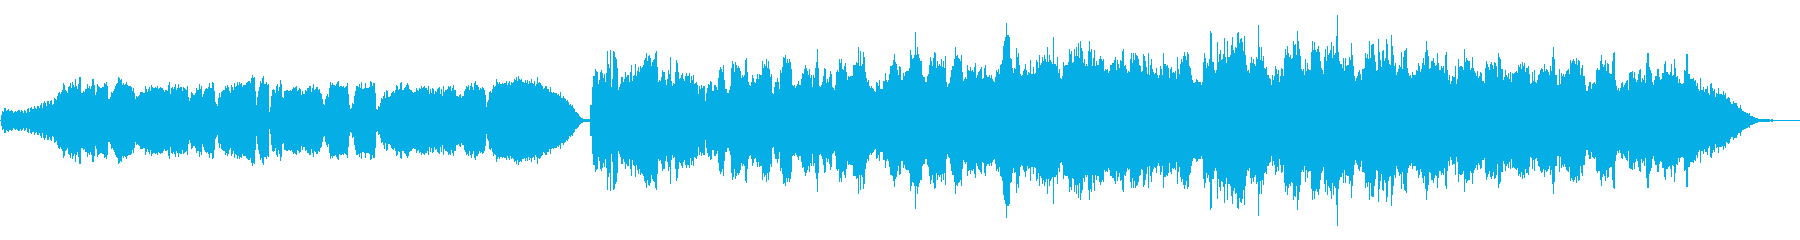 フルートとストリングスが印象的なバラードの再生済みの波形